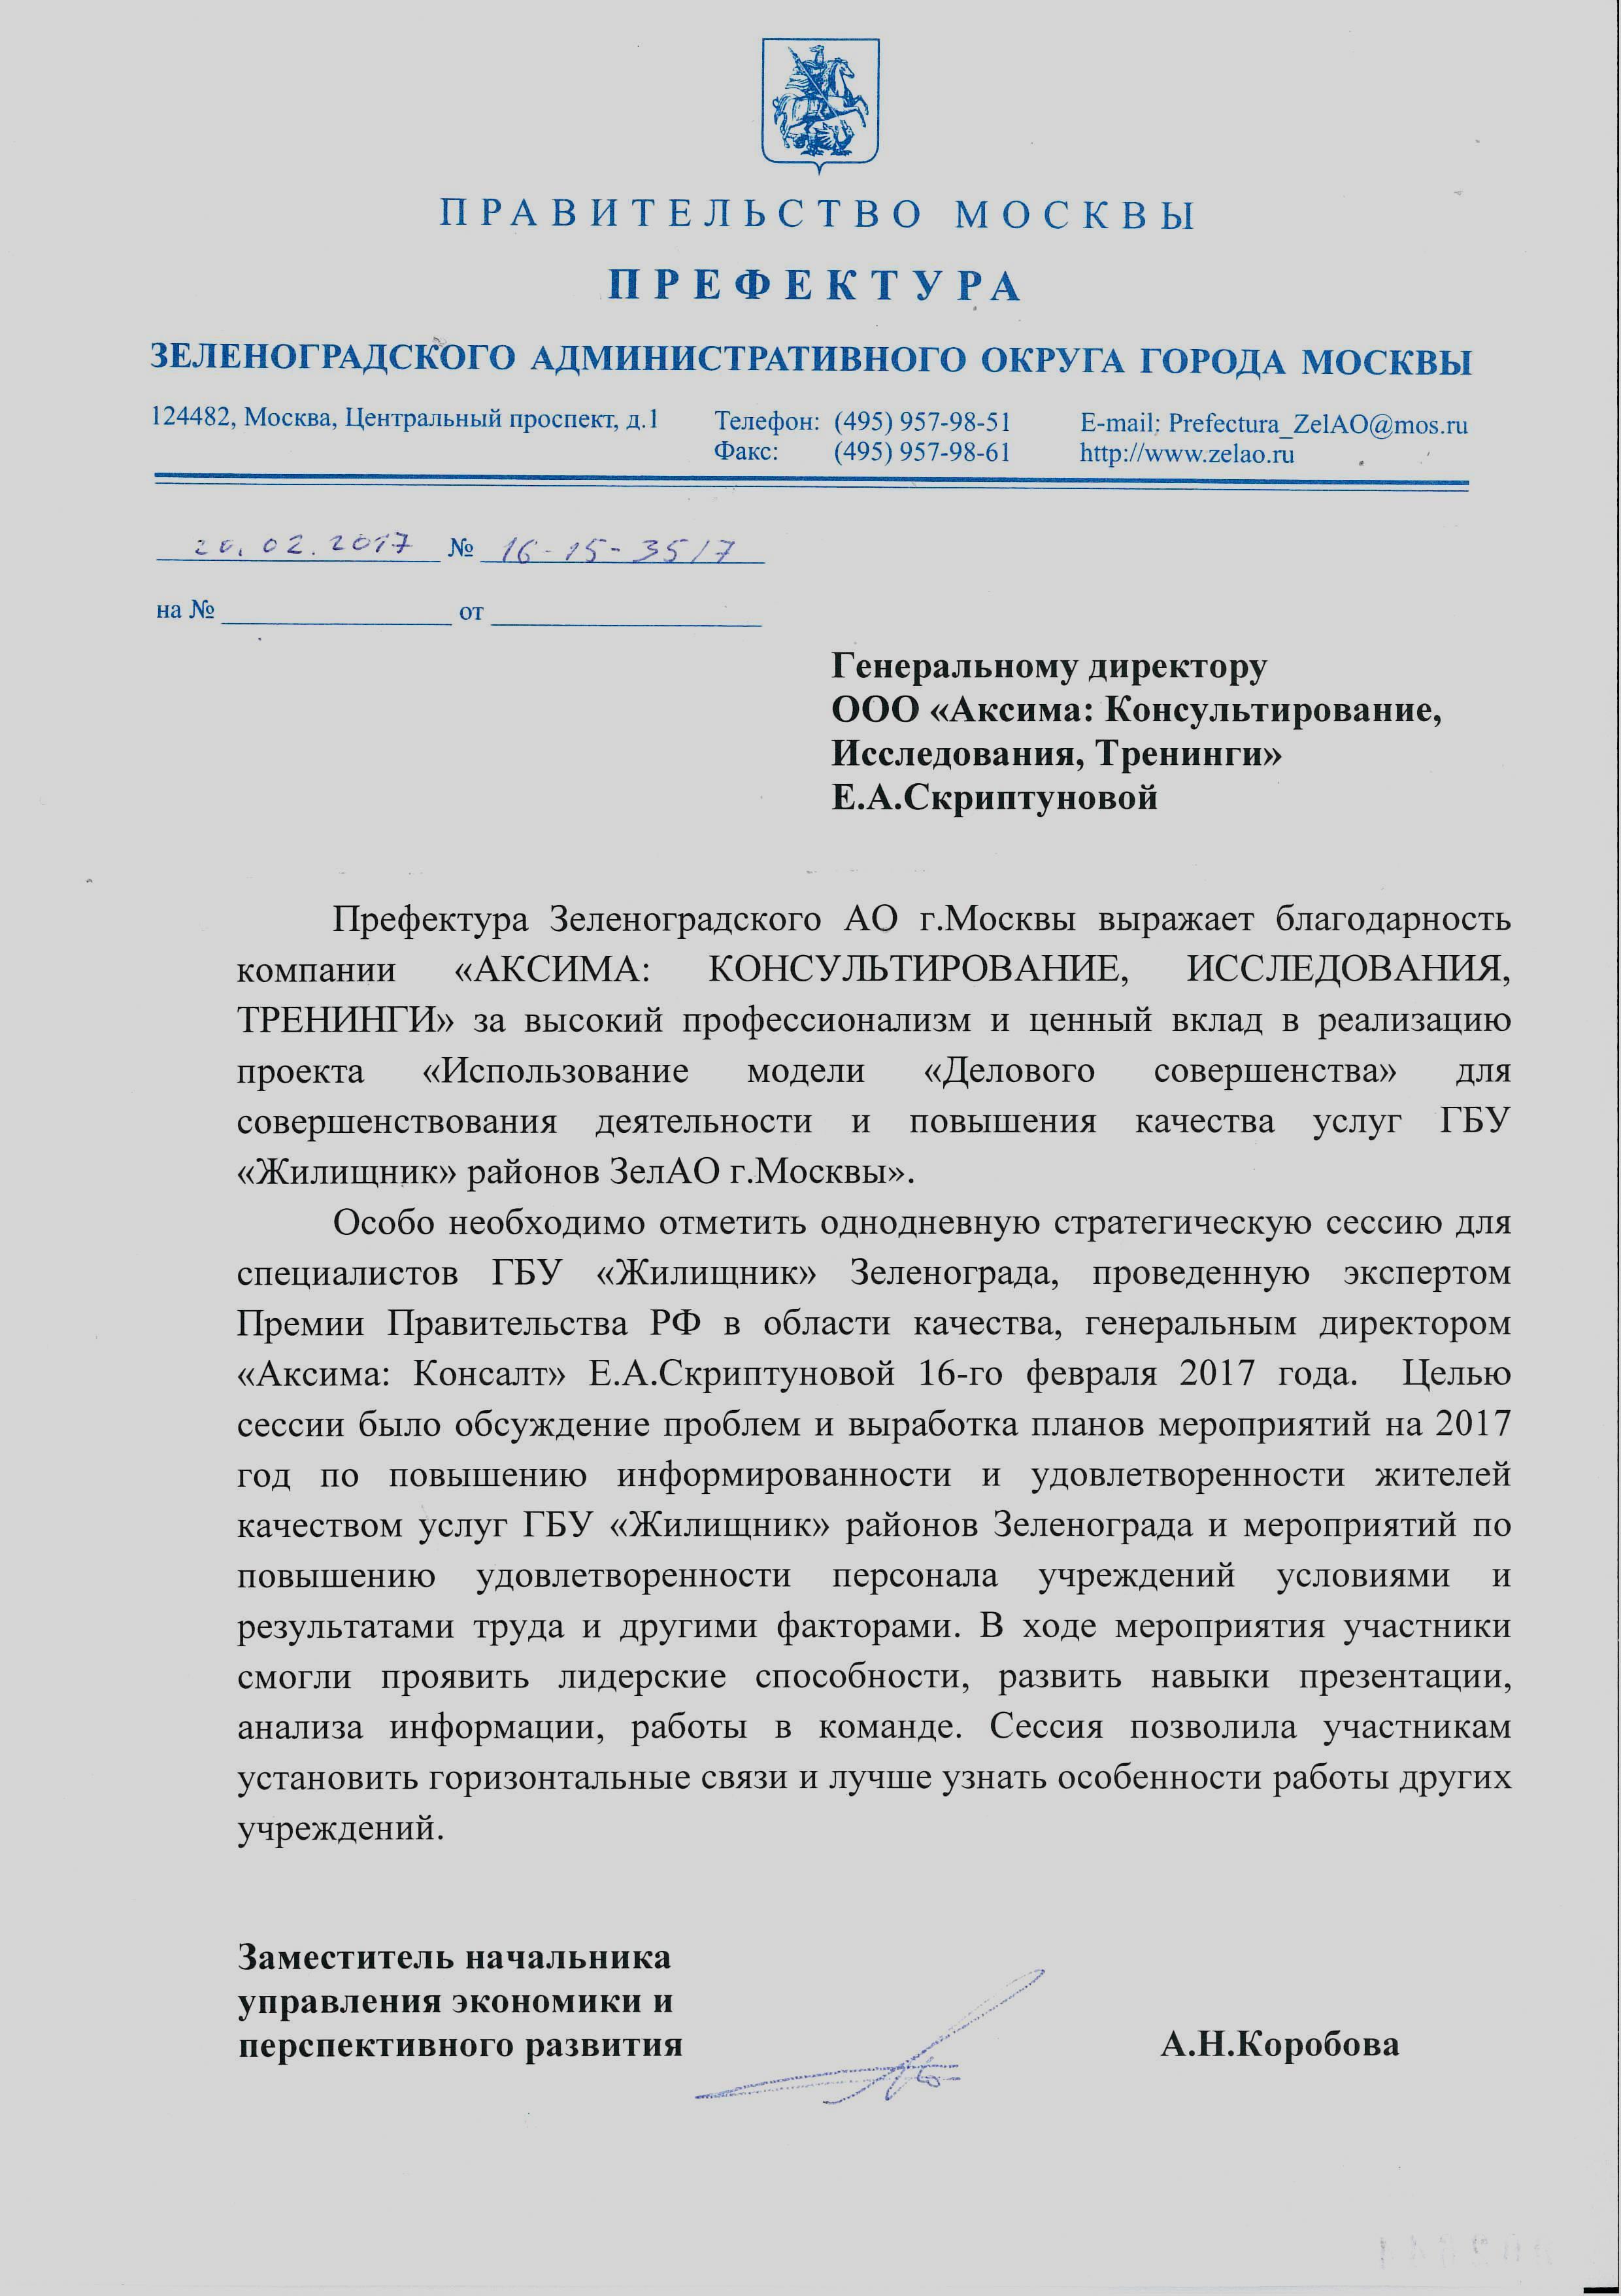 Красносельский ювелирпром отзывы работников монеты персии серебро